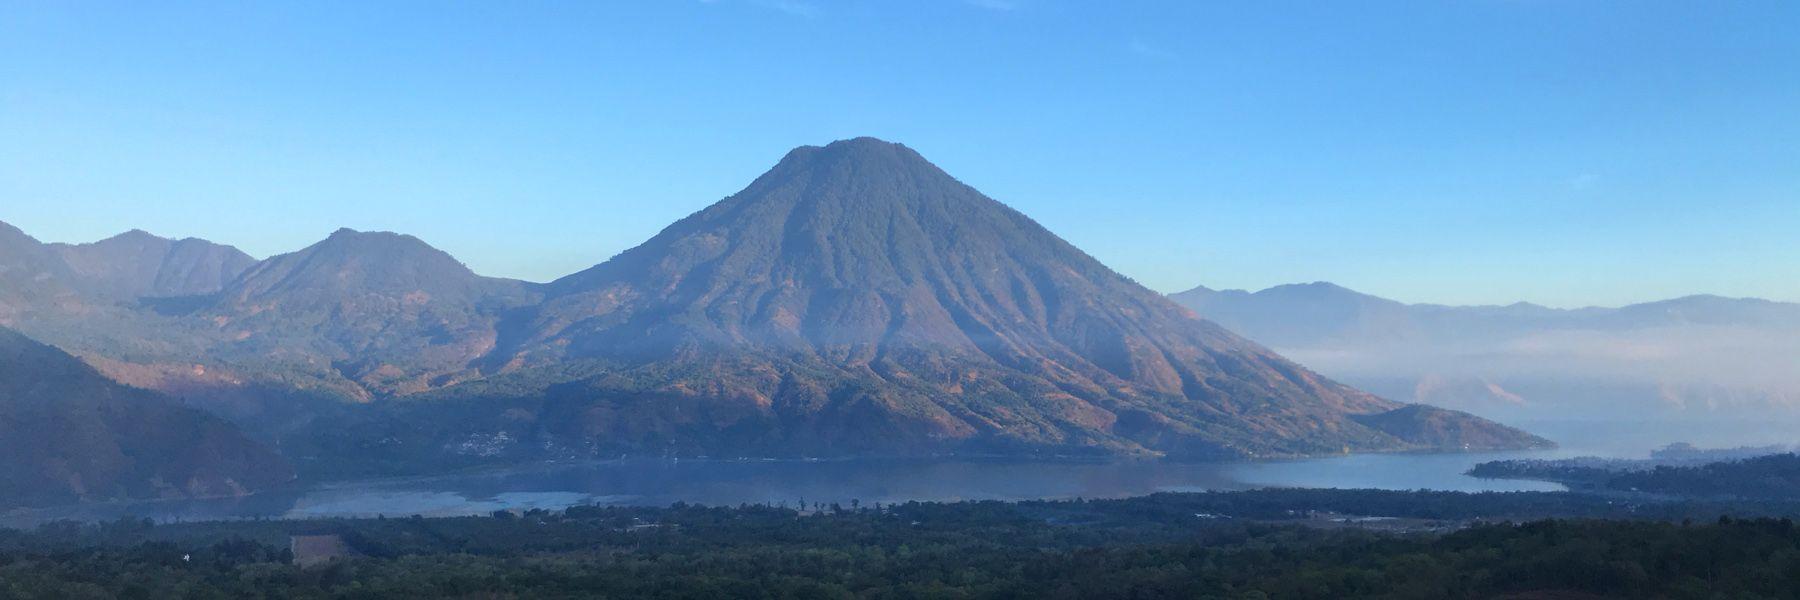 San Pedro Volcano, Lake Atitlán, Guatemala